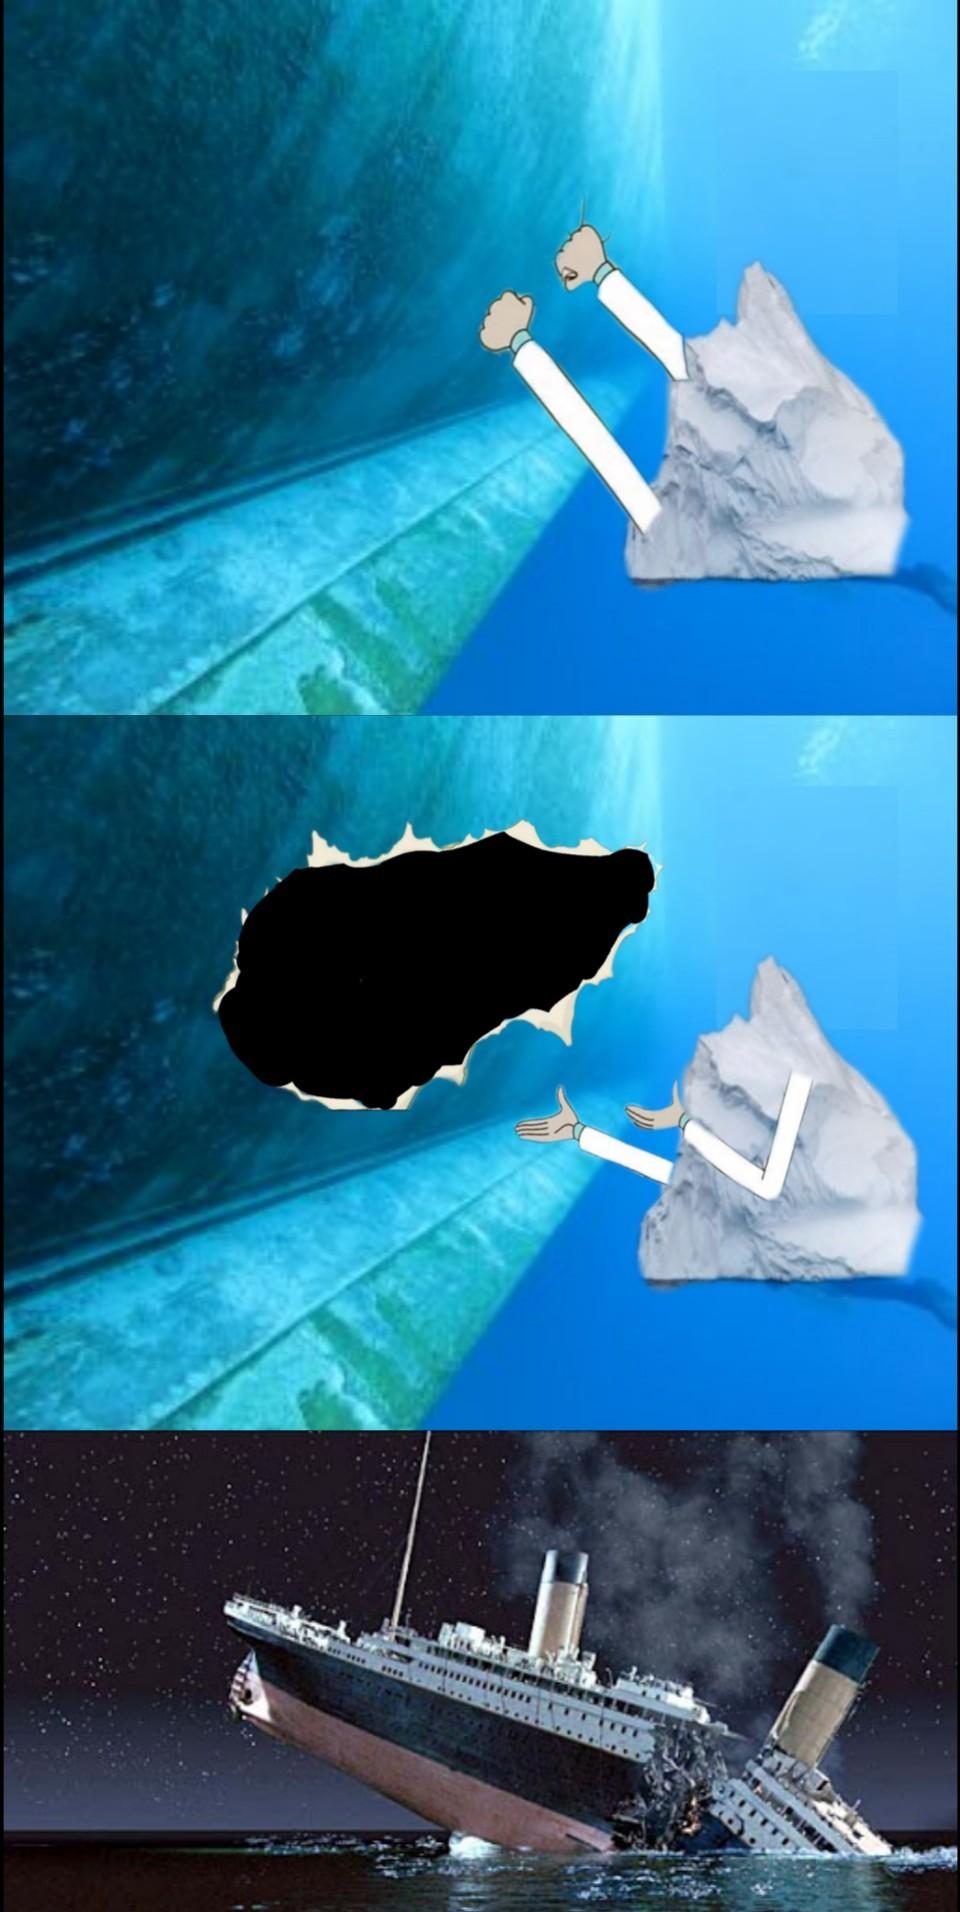 Sad titanic noises - meme